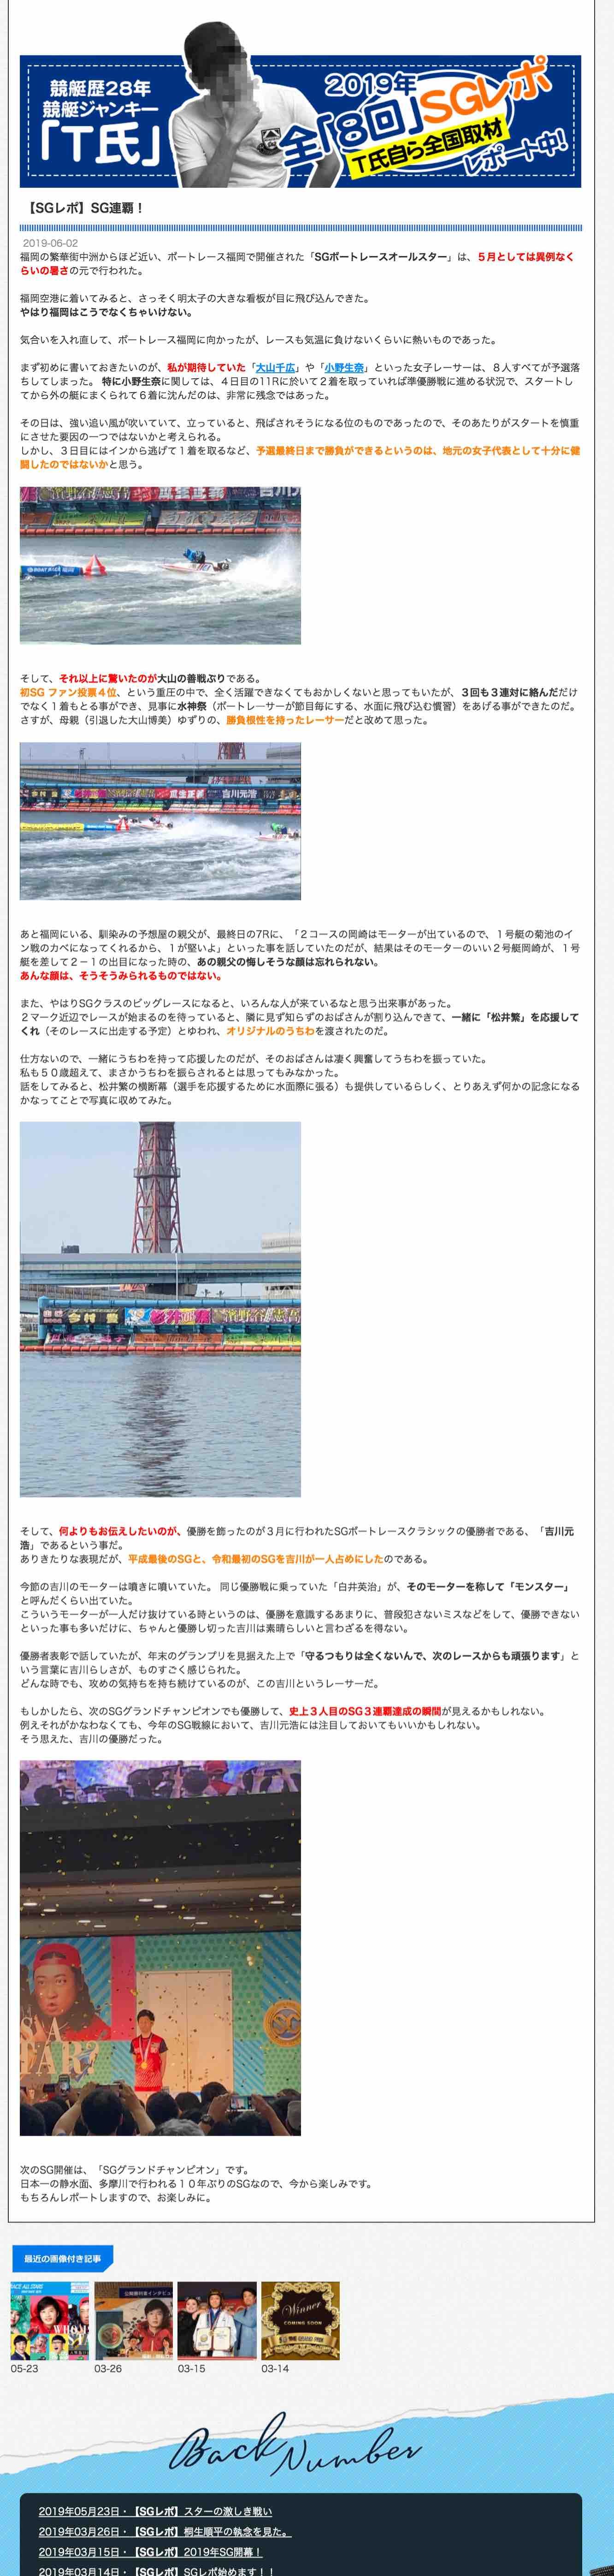 競艇ウェーブのSGレポは、本当に九州の現地まで行って取材している